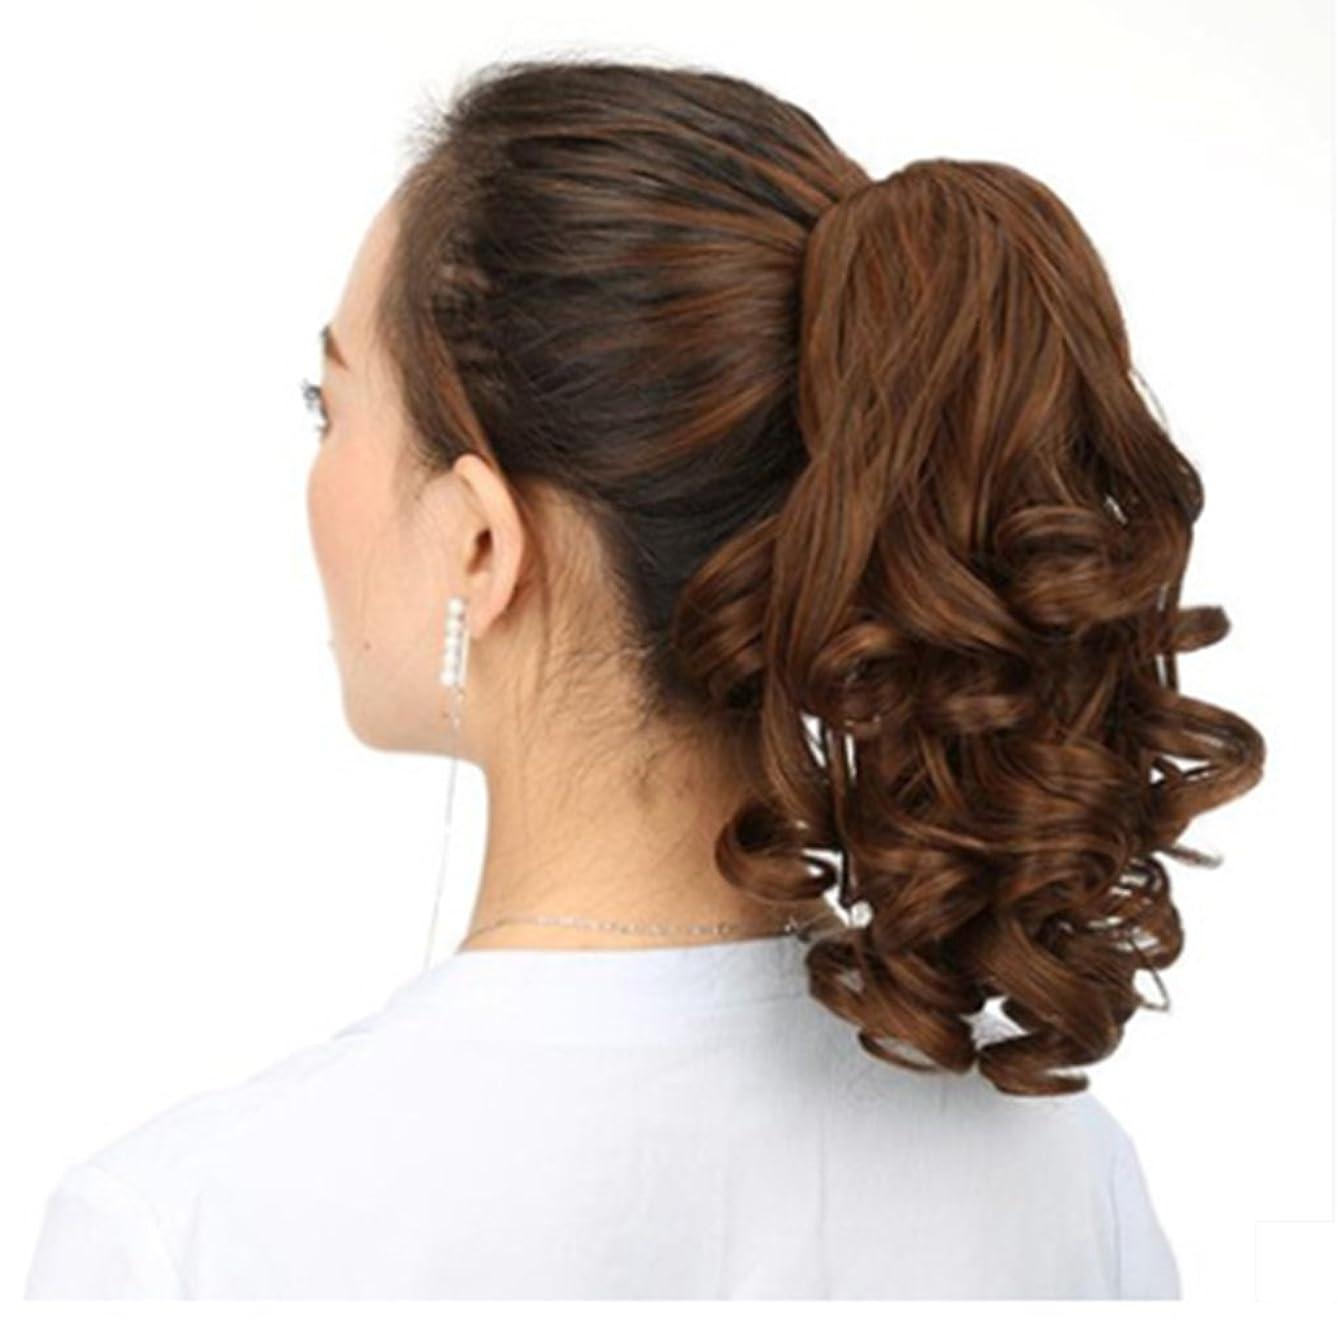 子供達散髪シャトルDoyvanntgo クリームウィッグポニーテールヘアエクステンション現実的な合成ヘアピース90g (Color : Linen)